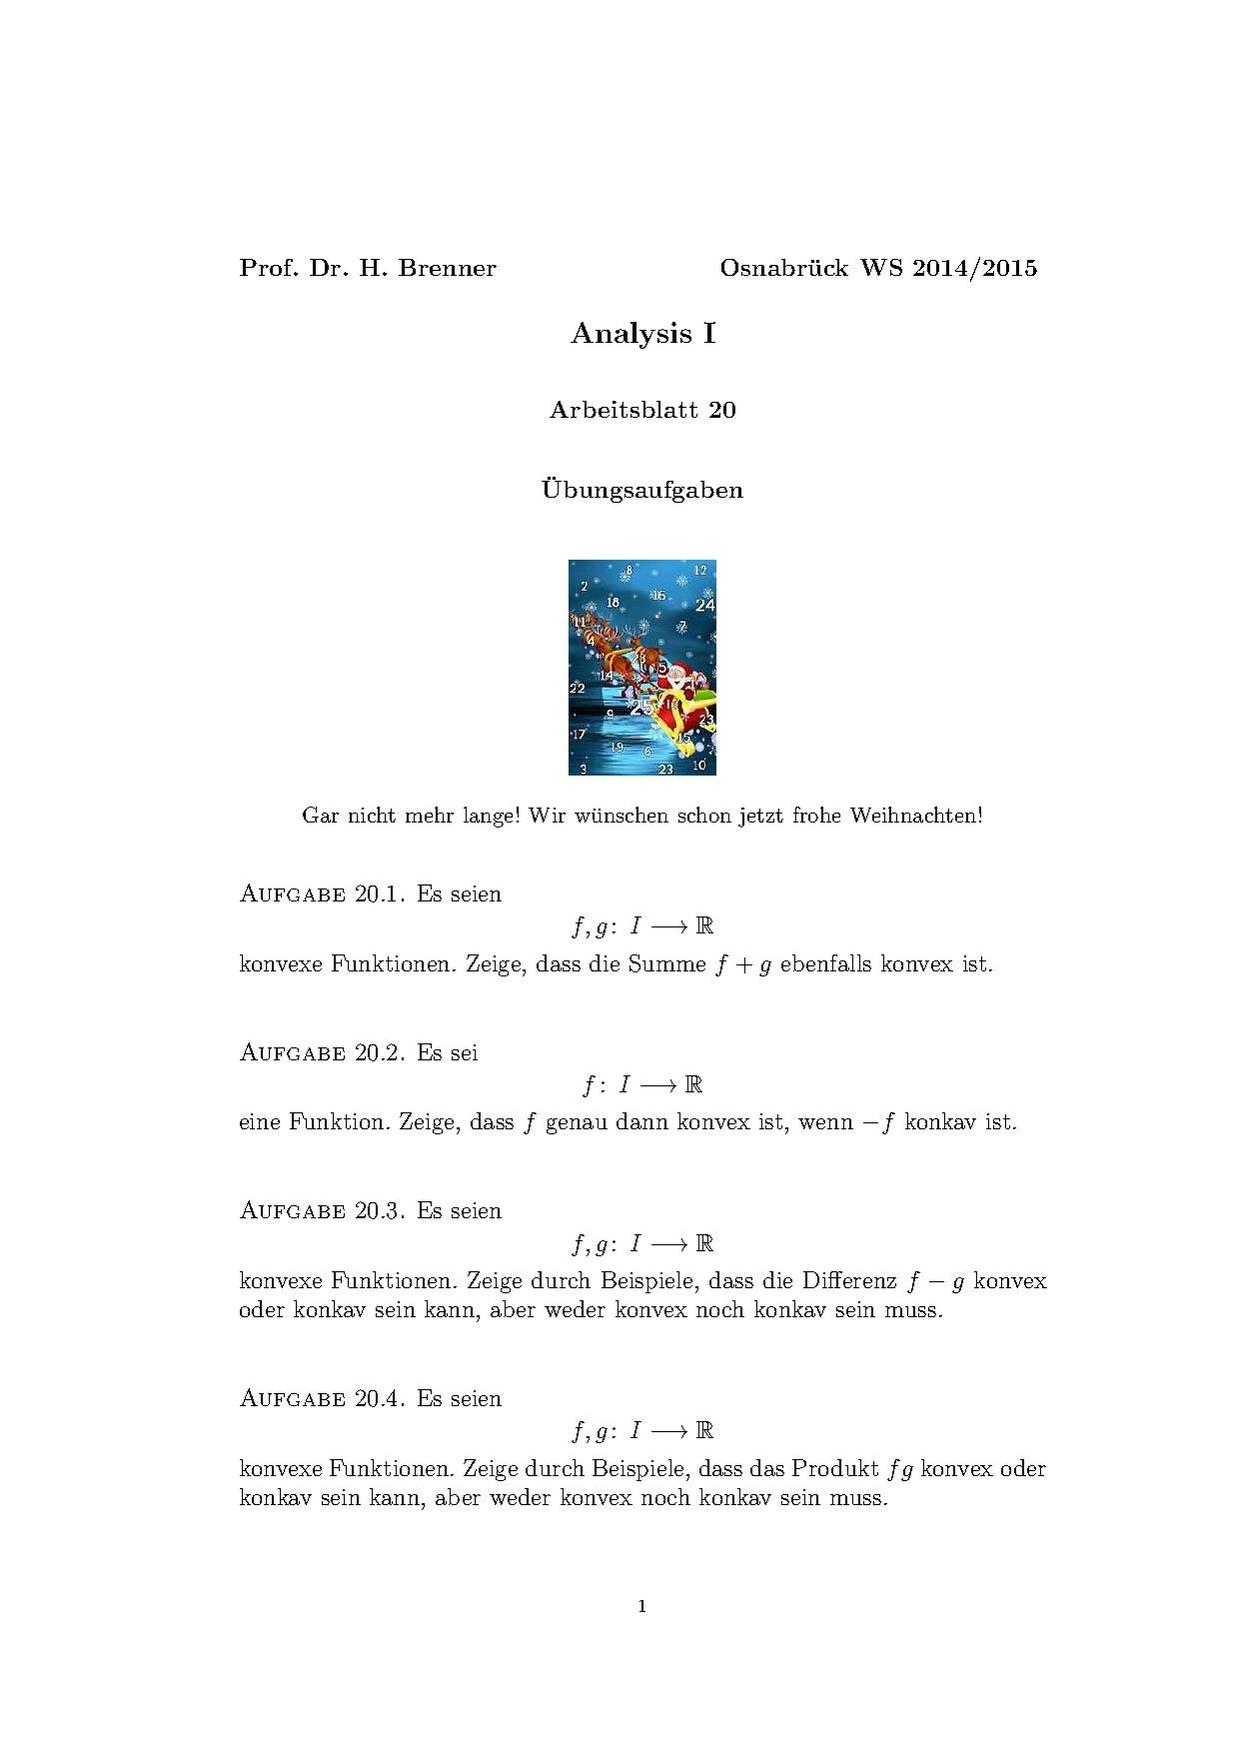 Schön Kapitalgewinne Arbeitsblatt 2014 Fotos - Super Lehrer ...